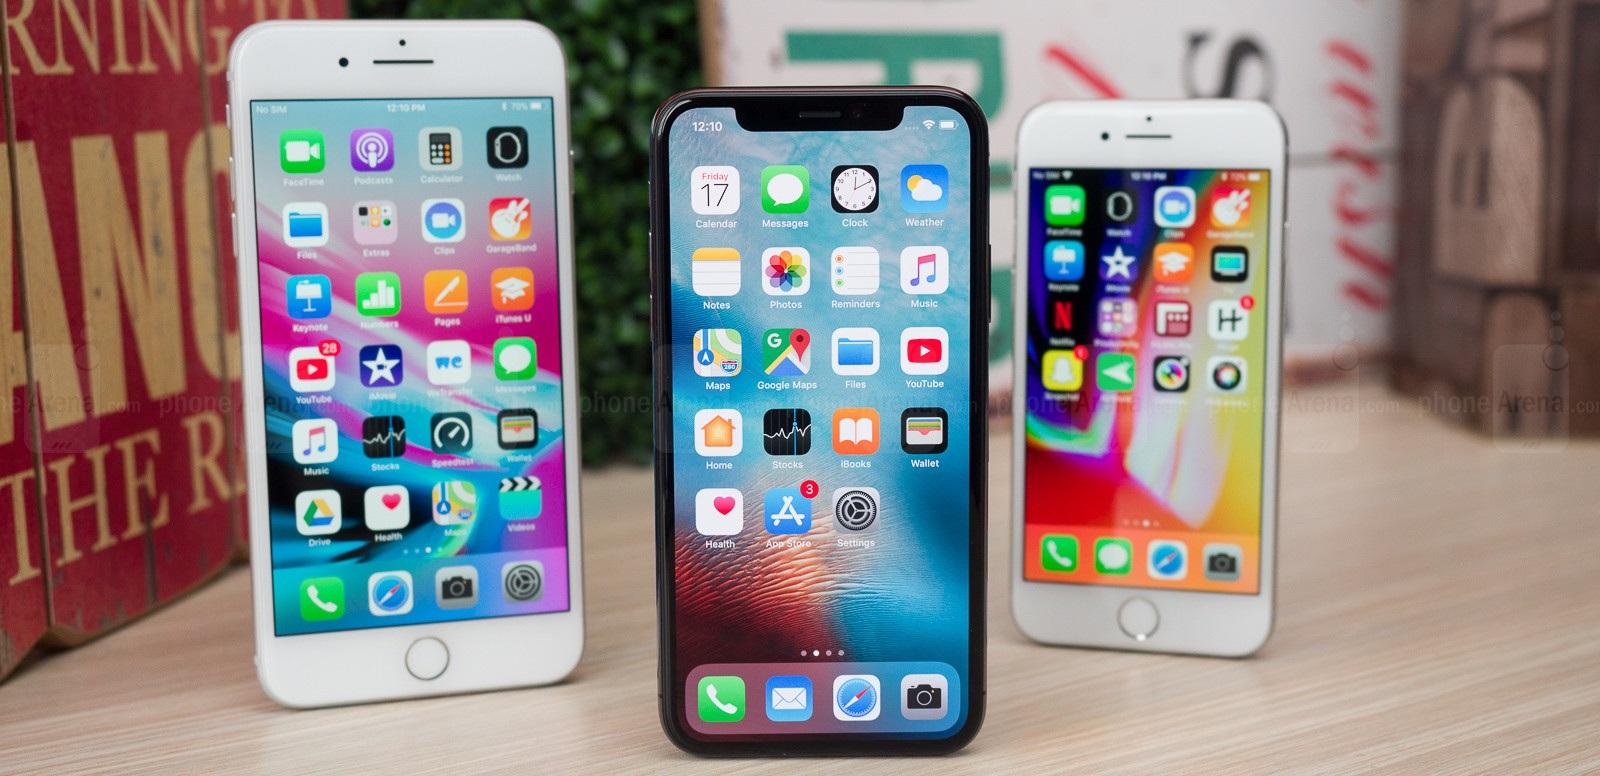 5 mẹo sửa chữa iPhone ngay tại nhà mà không phải ai cũng biết